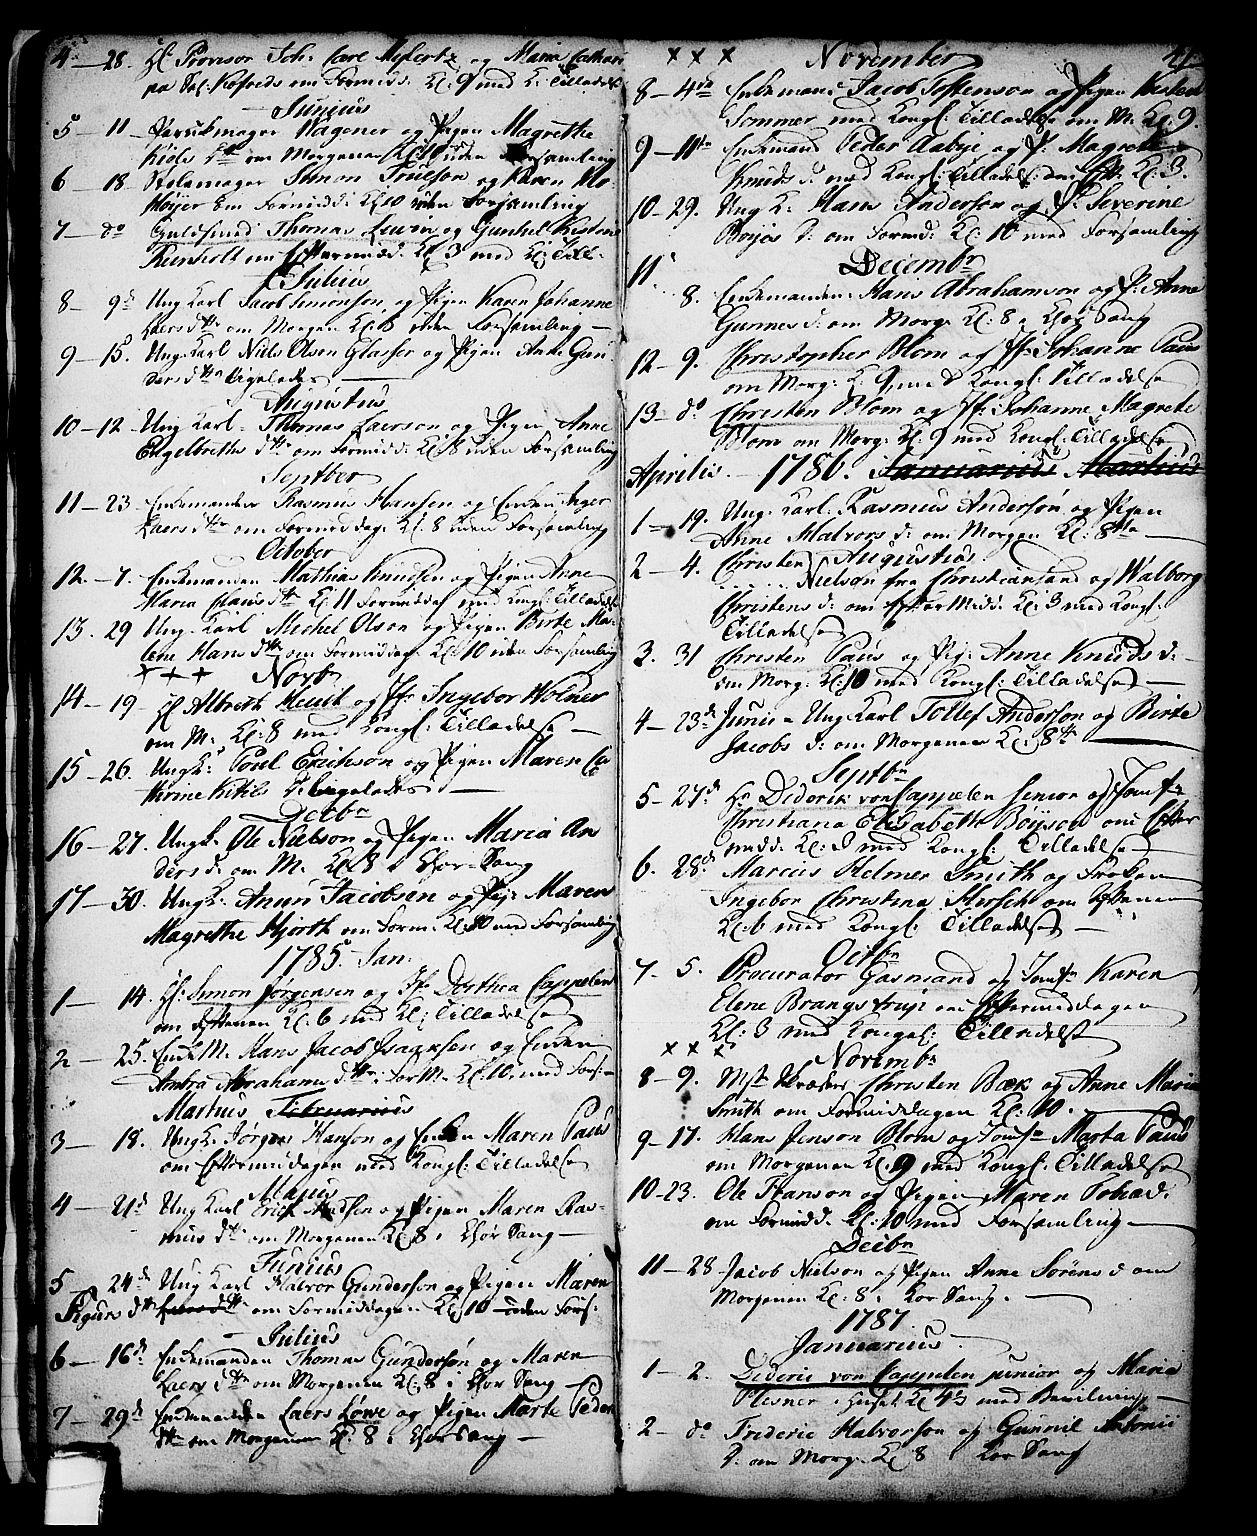 SAKO, Skien kirkebøker, G/Ga/L0001: Klokkerbok nr. 1, 1756-1791, s. 41